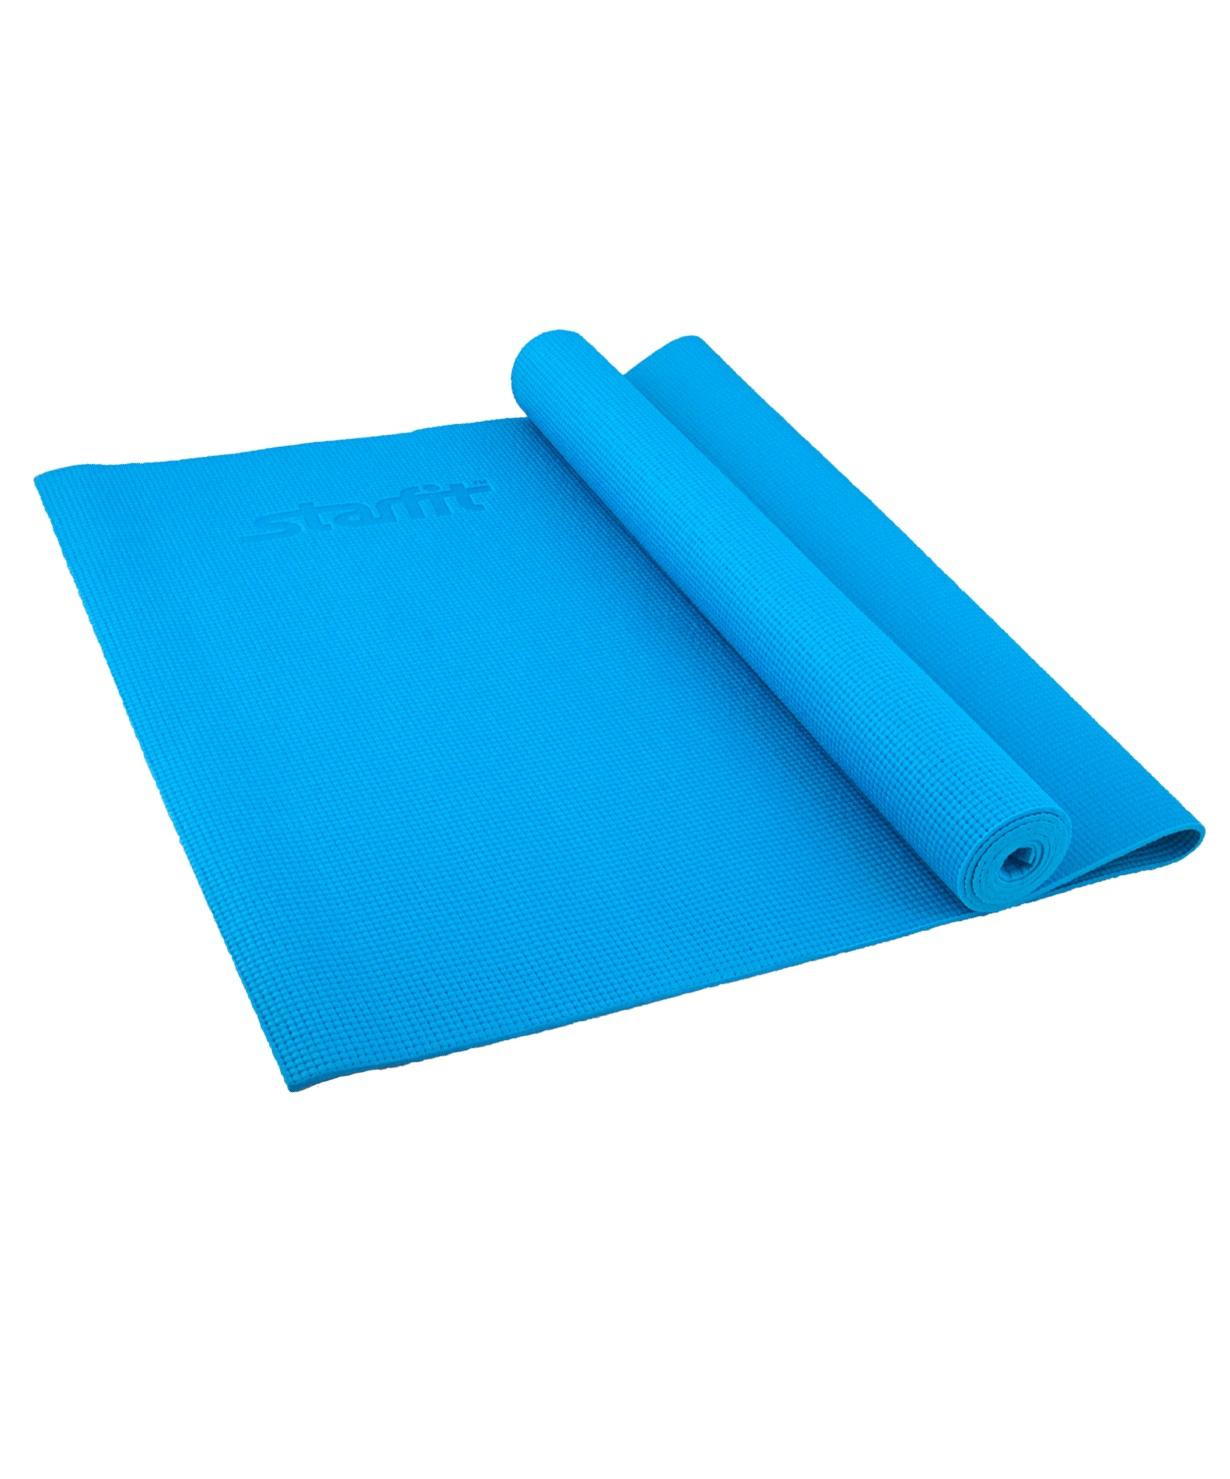 Коврик для йоги FM 101, PVC, 173x61x0,8